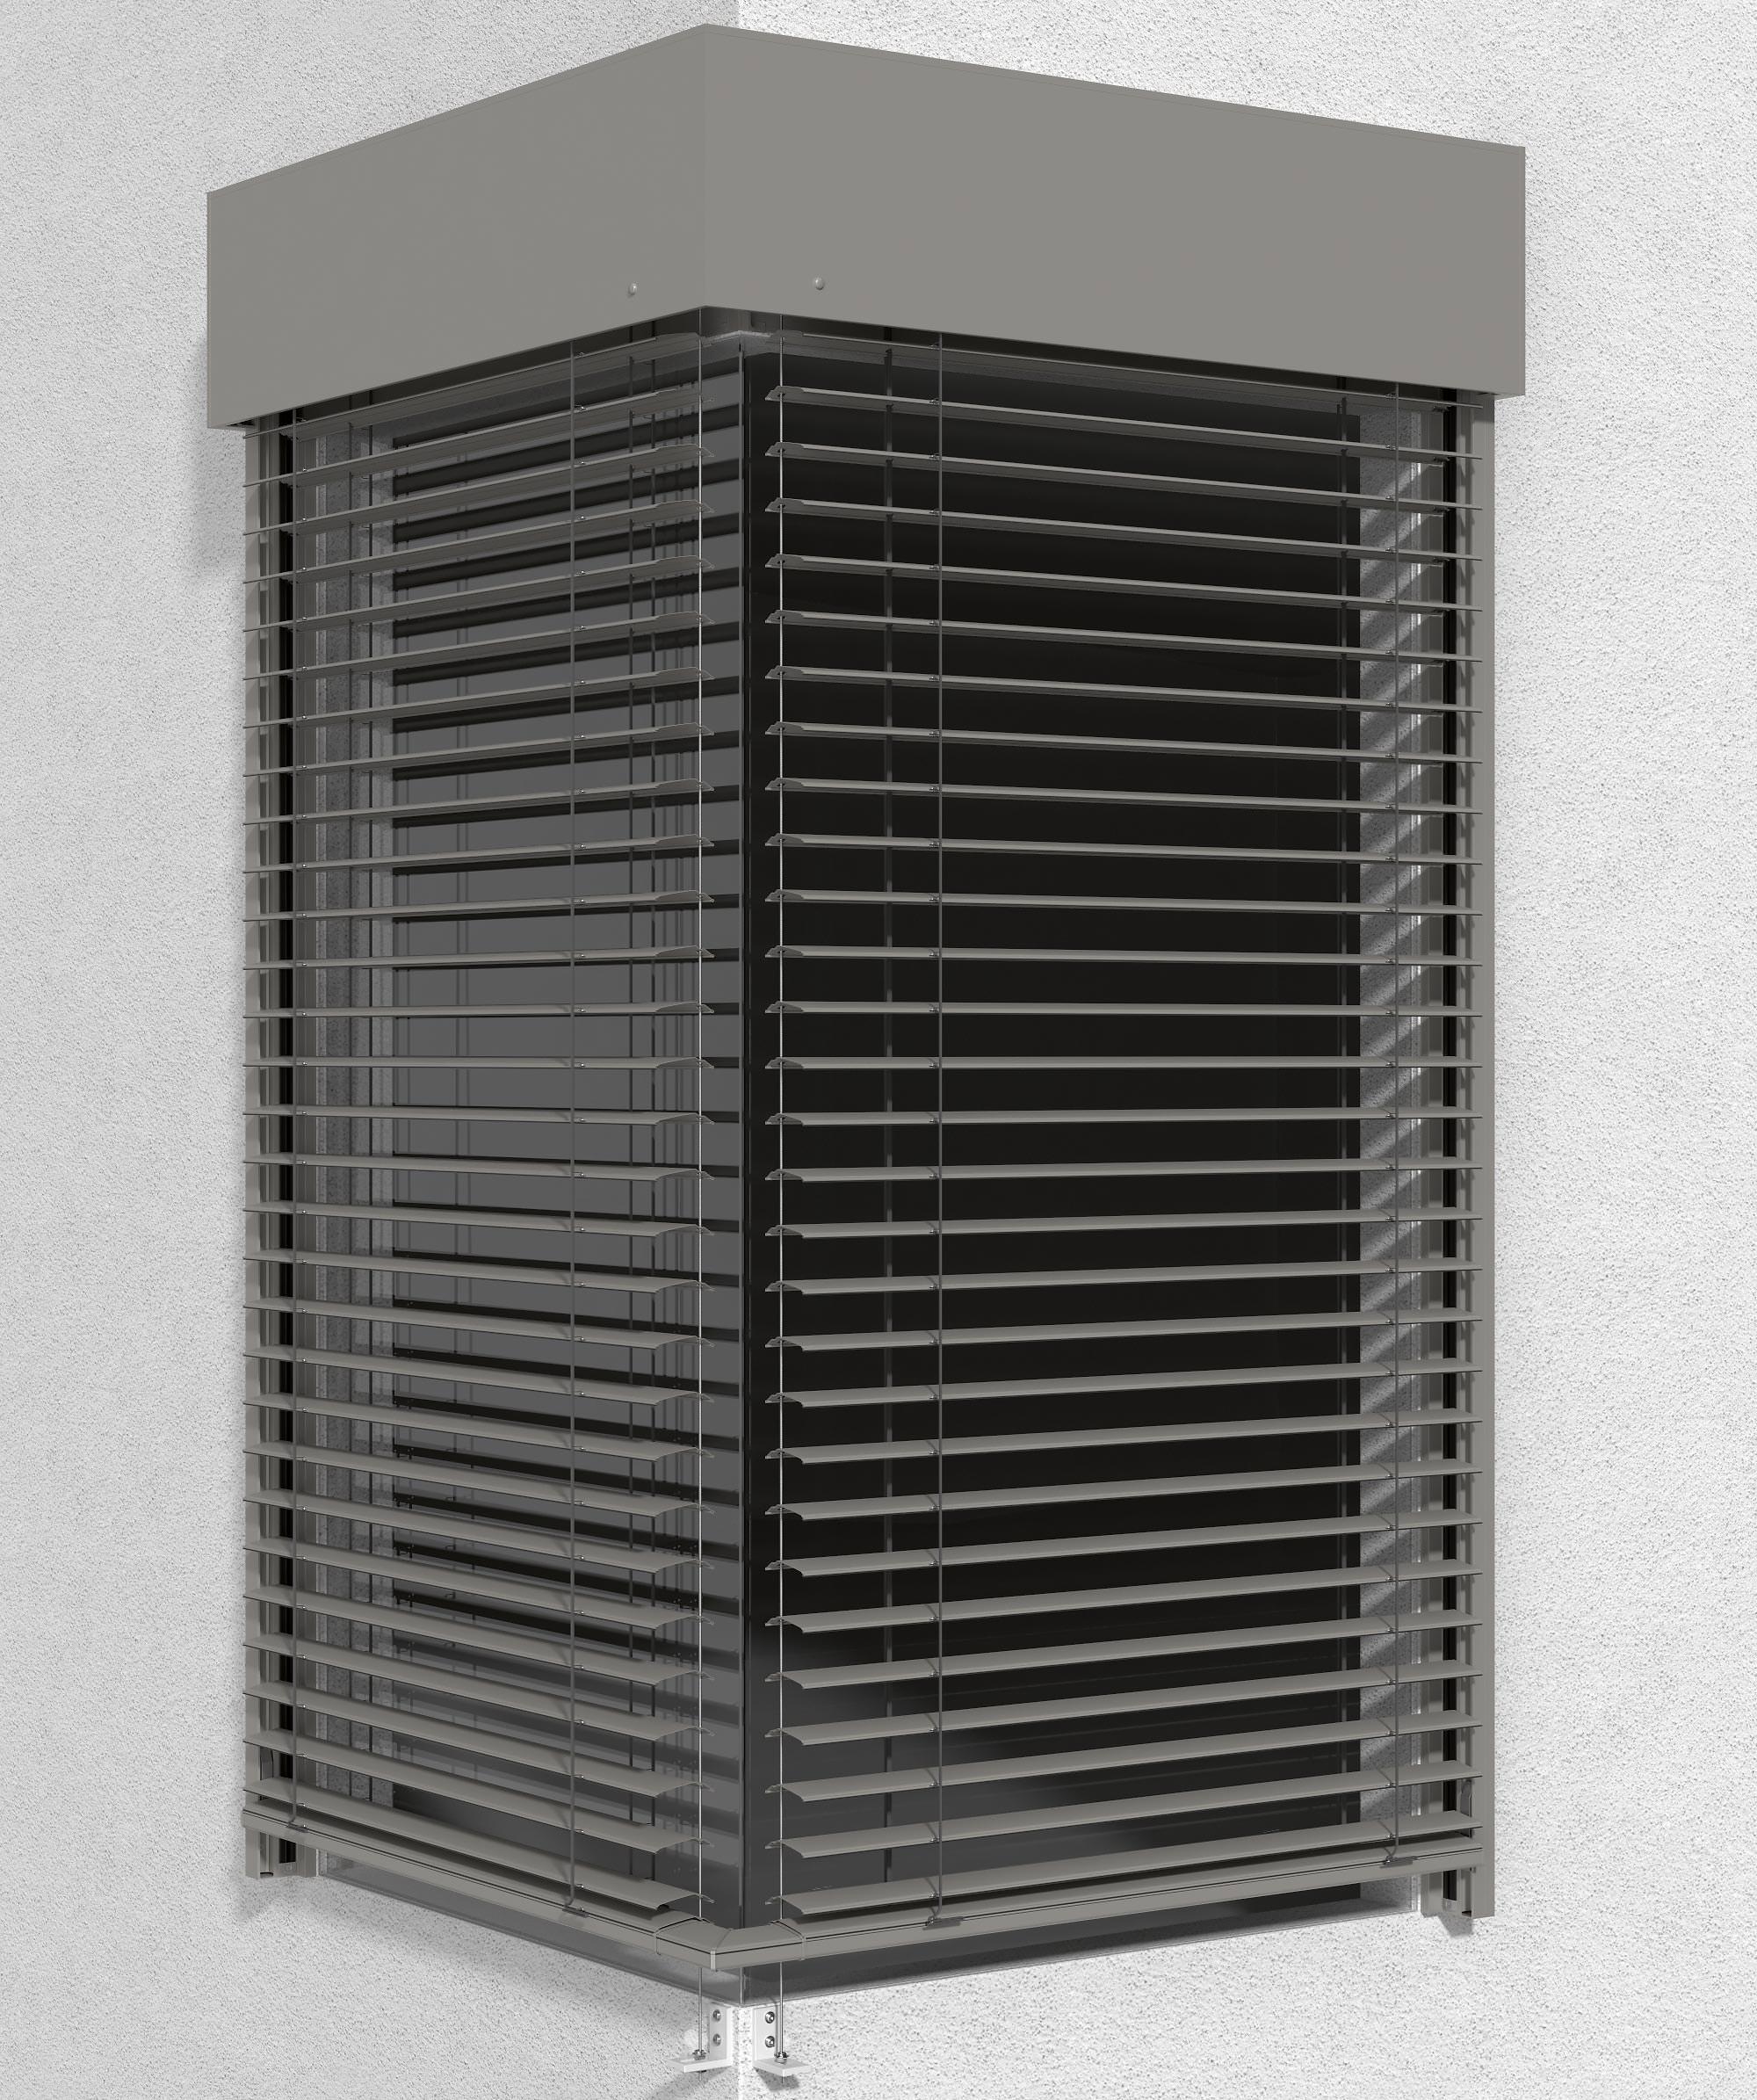 romas neuer cdl raffstore auch bers ganzglaseck und als vorbauraffstore. Black Bedroom Furniture Sets. Home Design Ideas